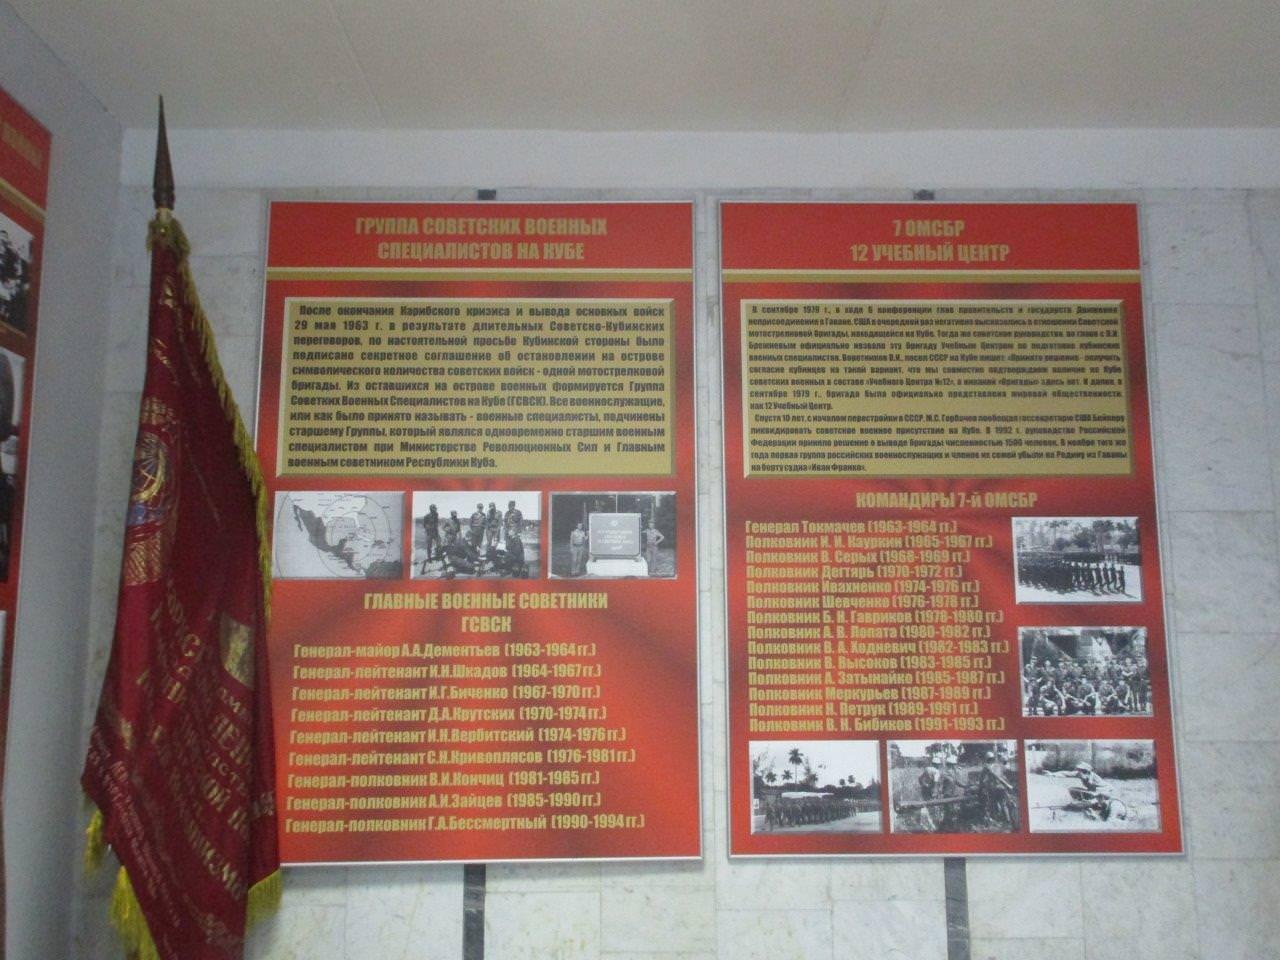 2020-02-23. Два плаката стенда, посвященного ГСВСК.